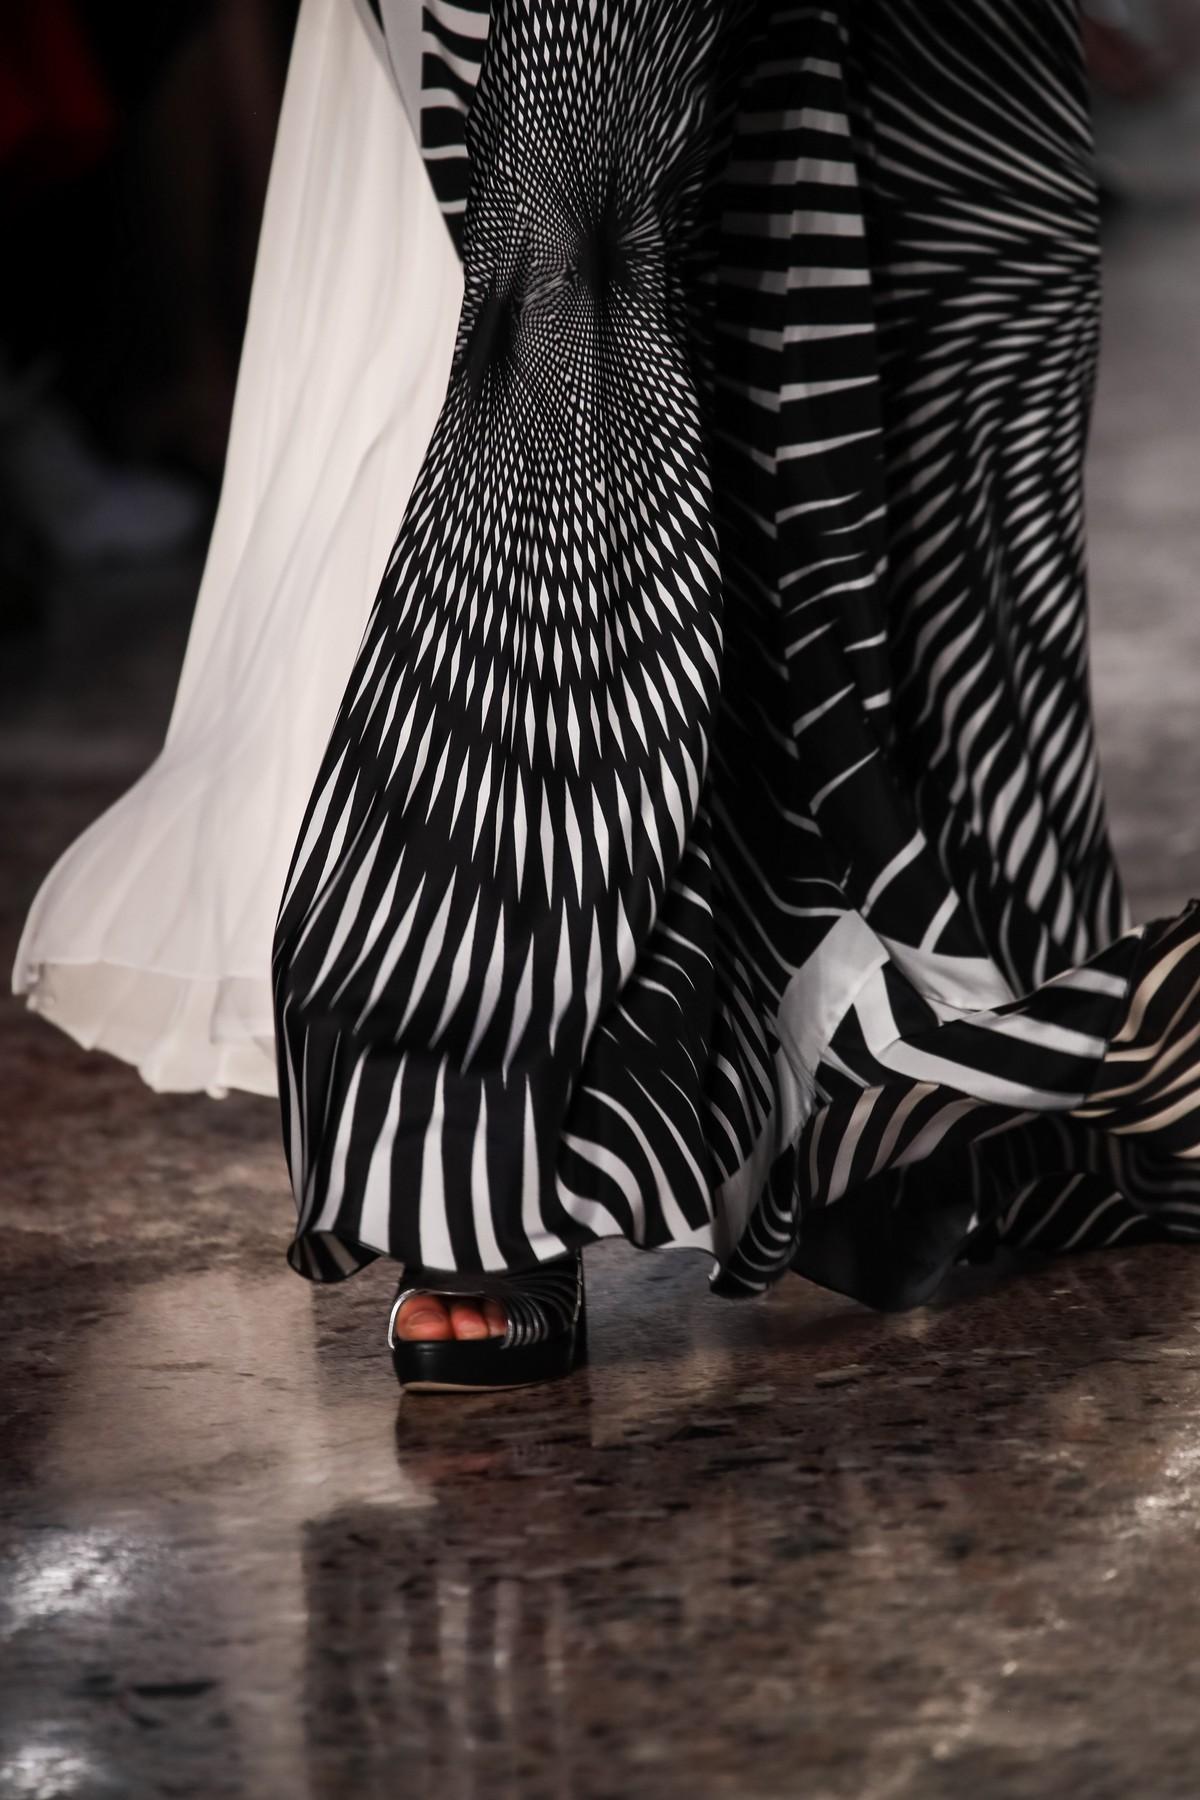 Alberta Ferretti collezione Resort 2019 sfilata  Limited Edition  foto